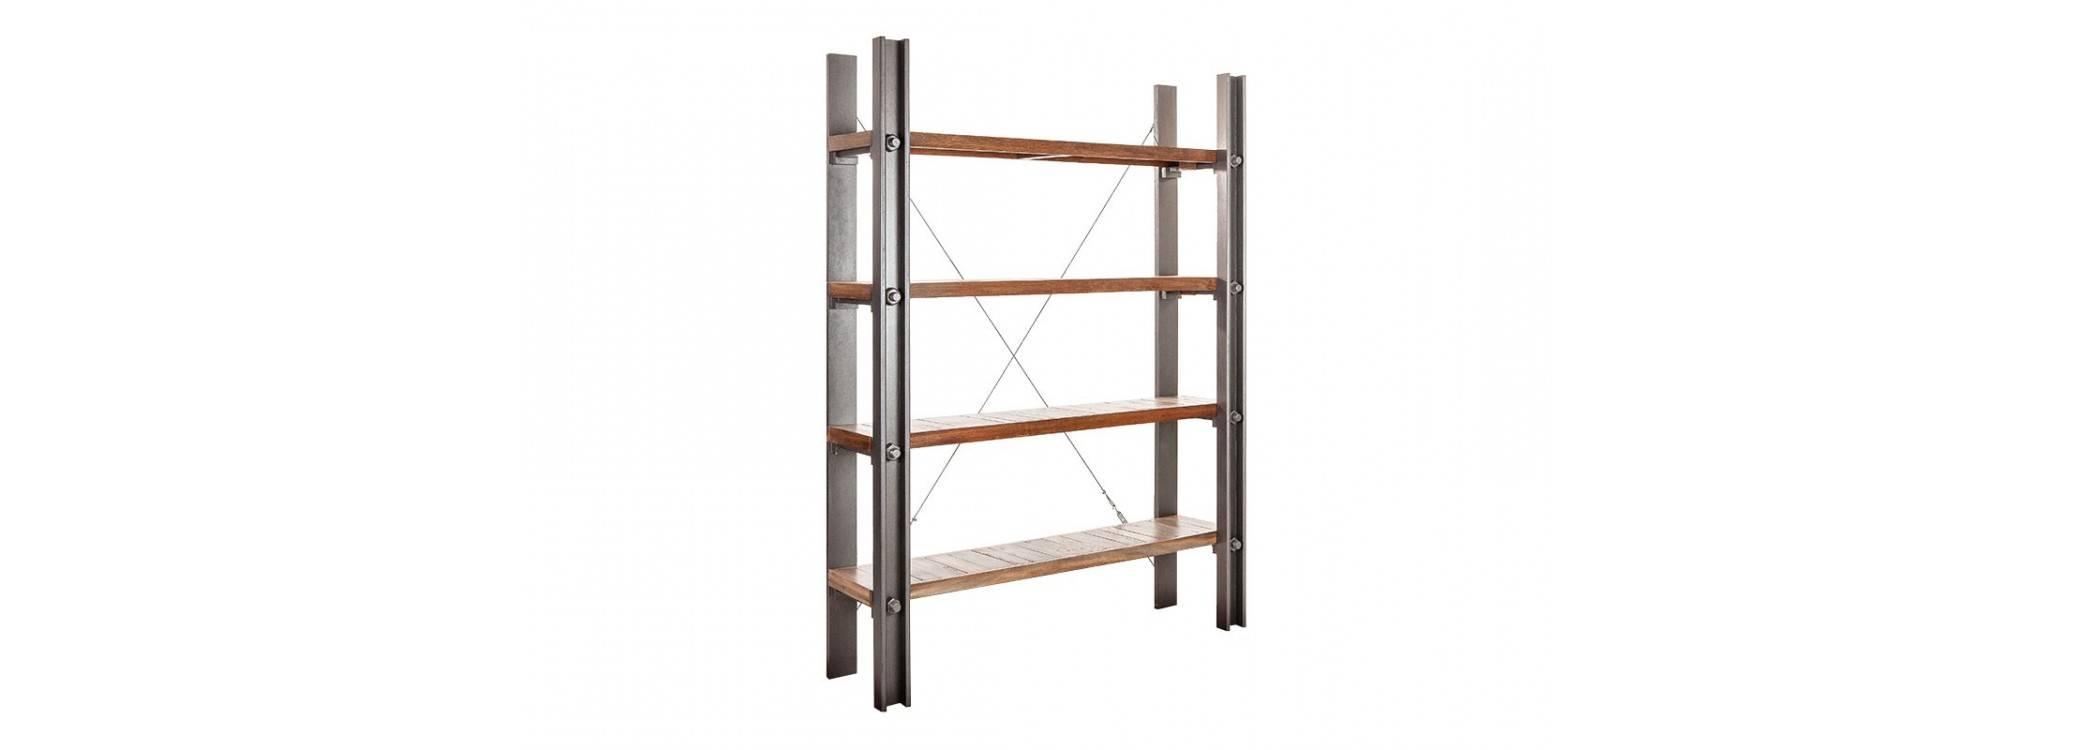 Etagère large industrielle Profile - 4 niveaux